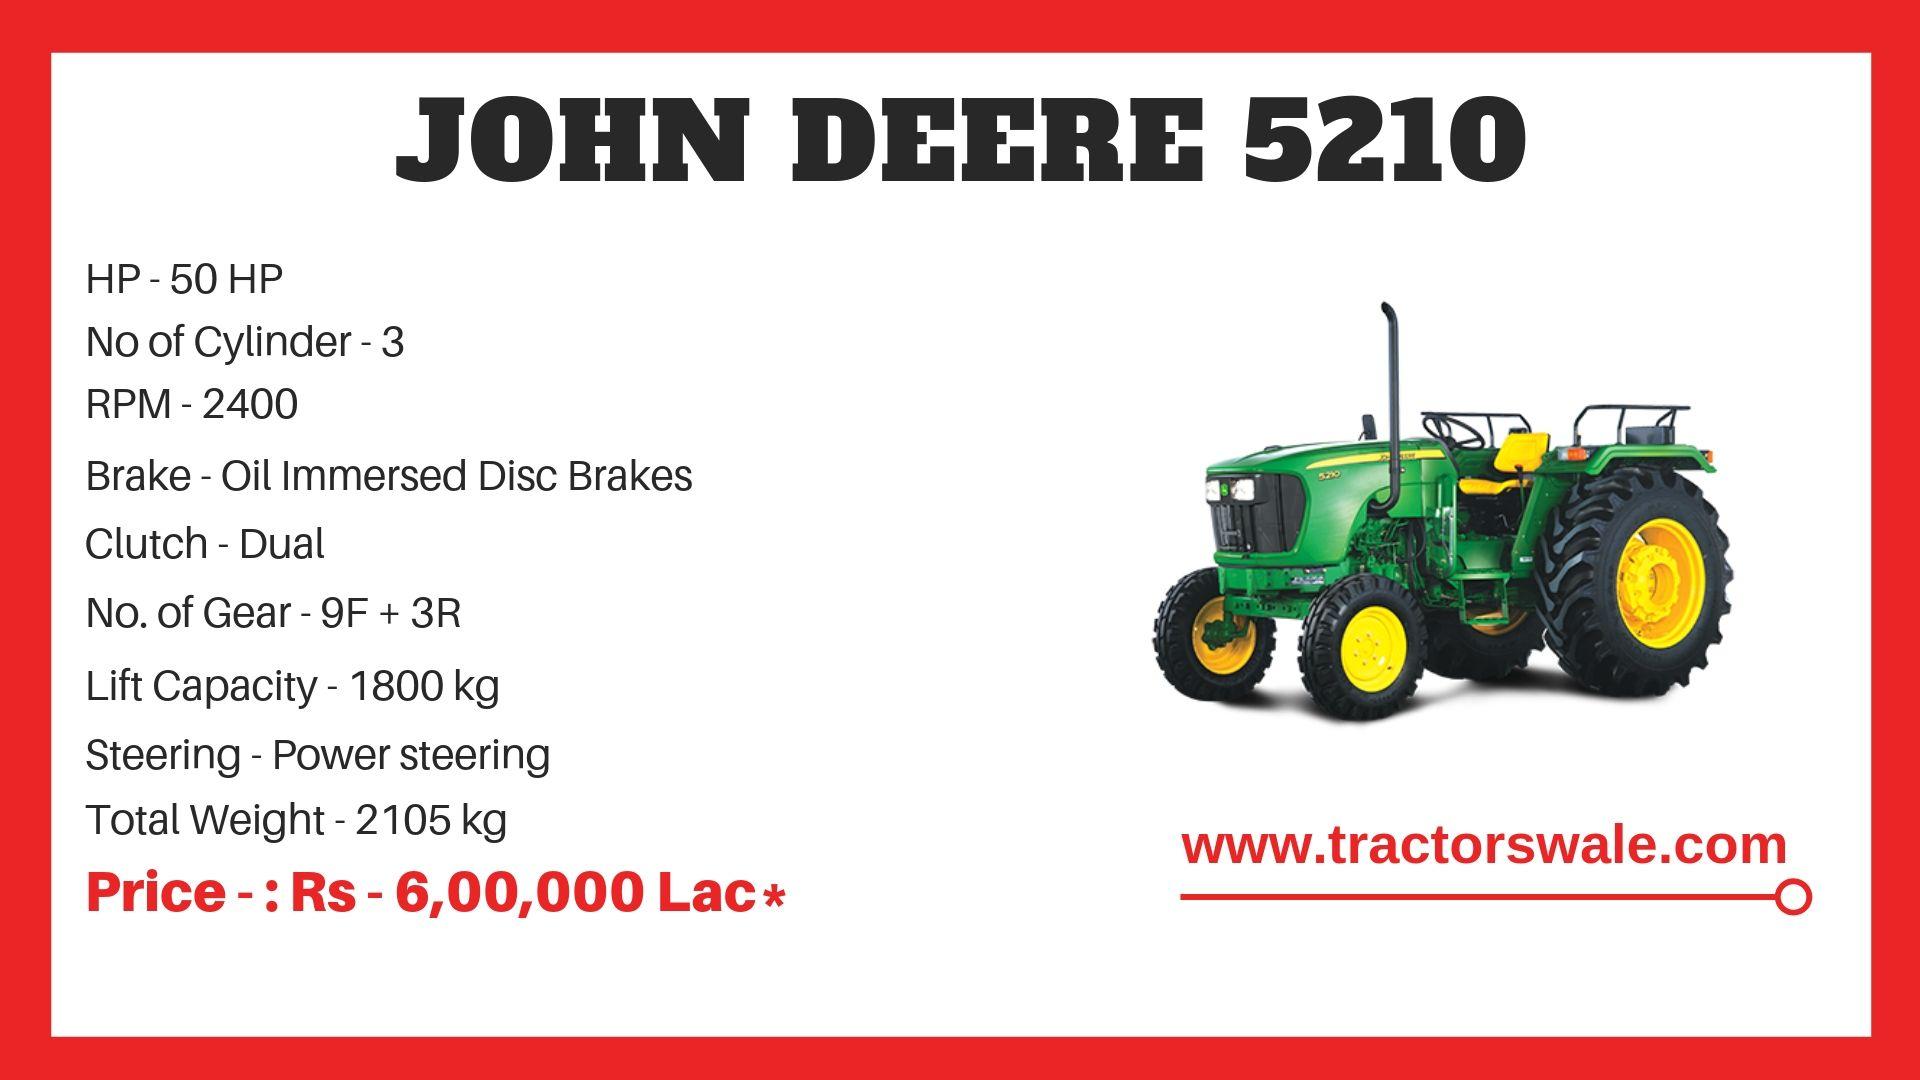 John Deere 5210 Tractor Specifications